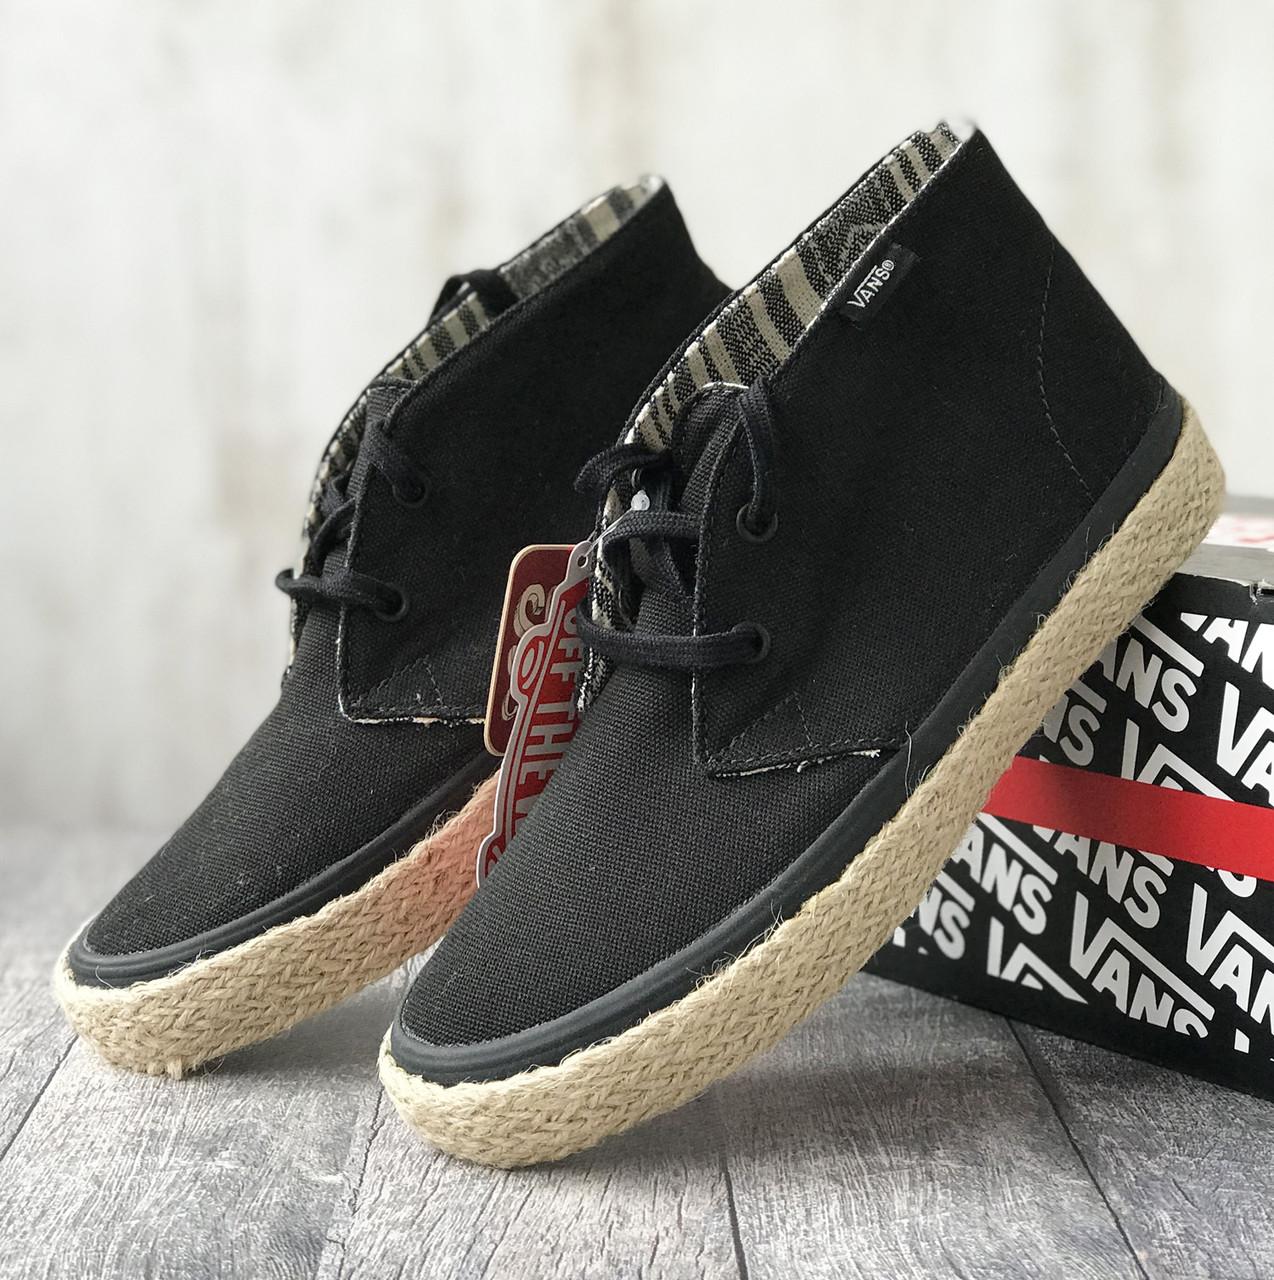 14f6bbb7 Текстильные кеды Vans Chukka Slim р 34. Подростковая брендовая обувь -  Интернет-магазин брендовой